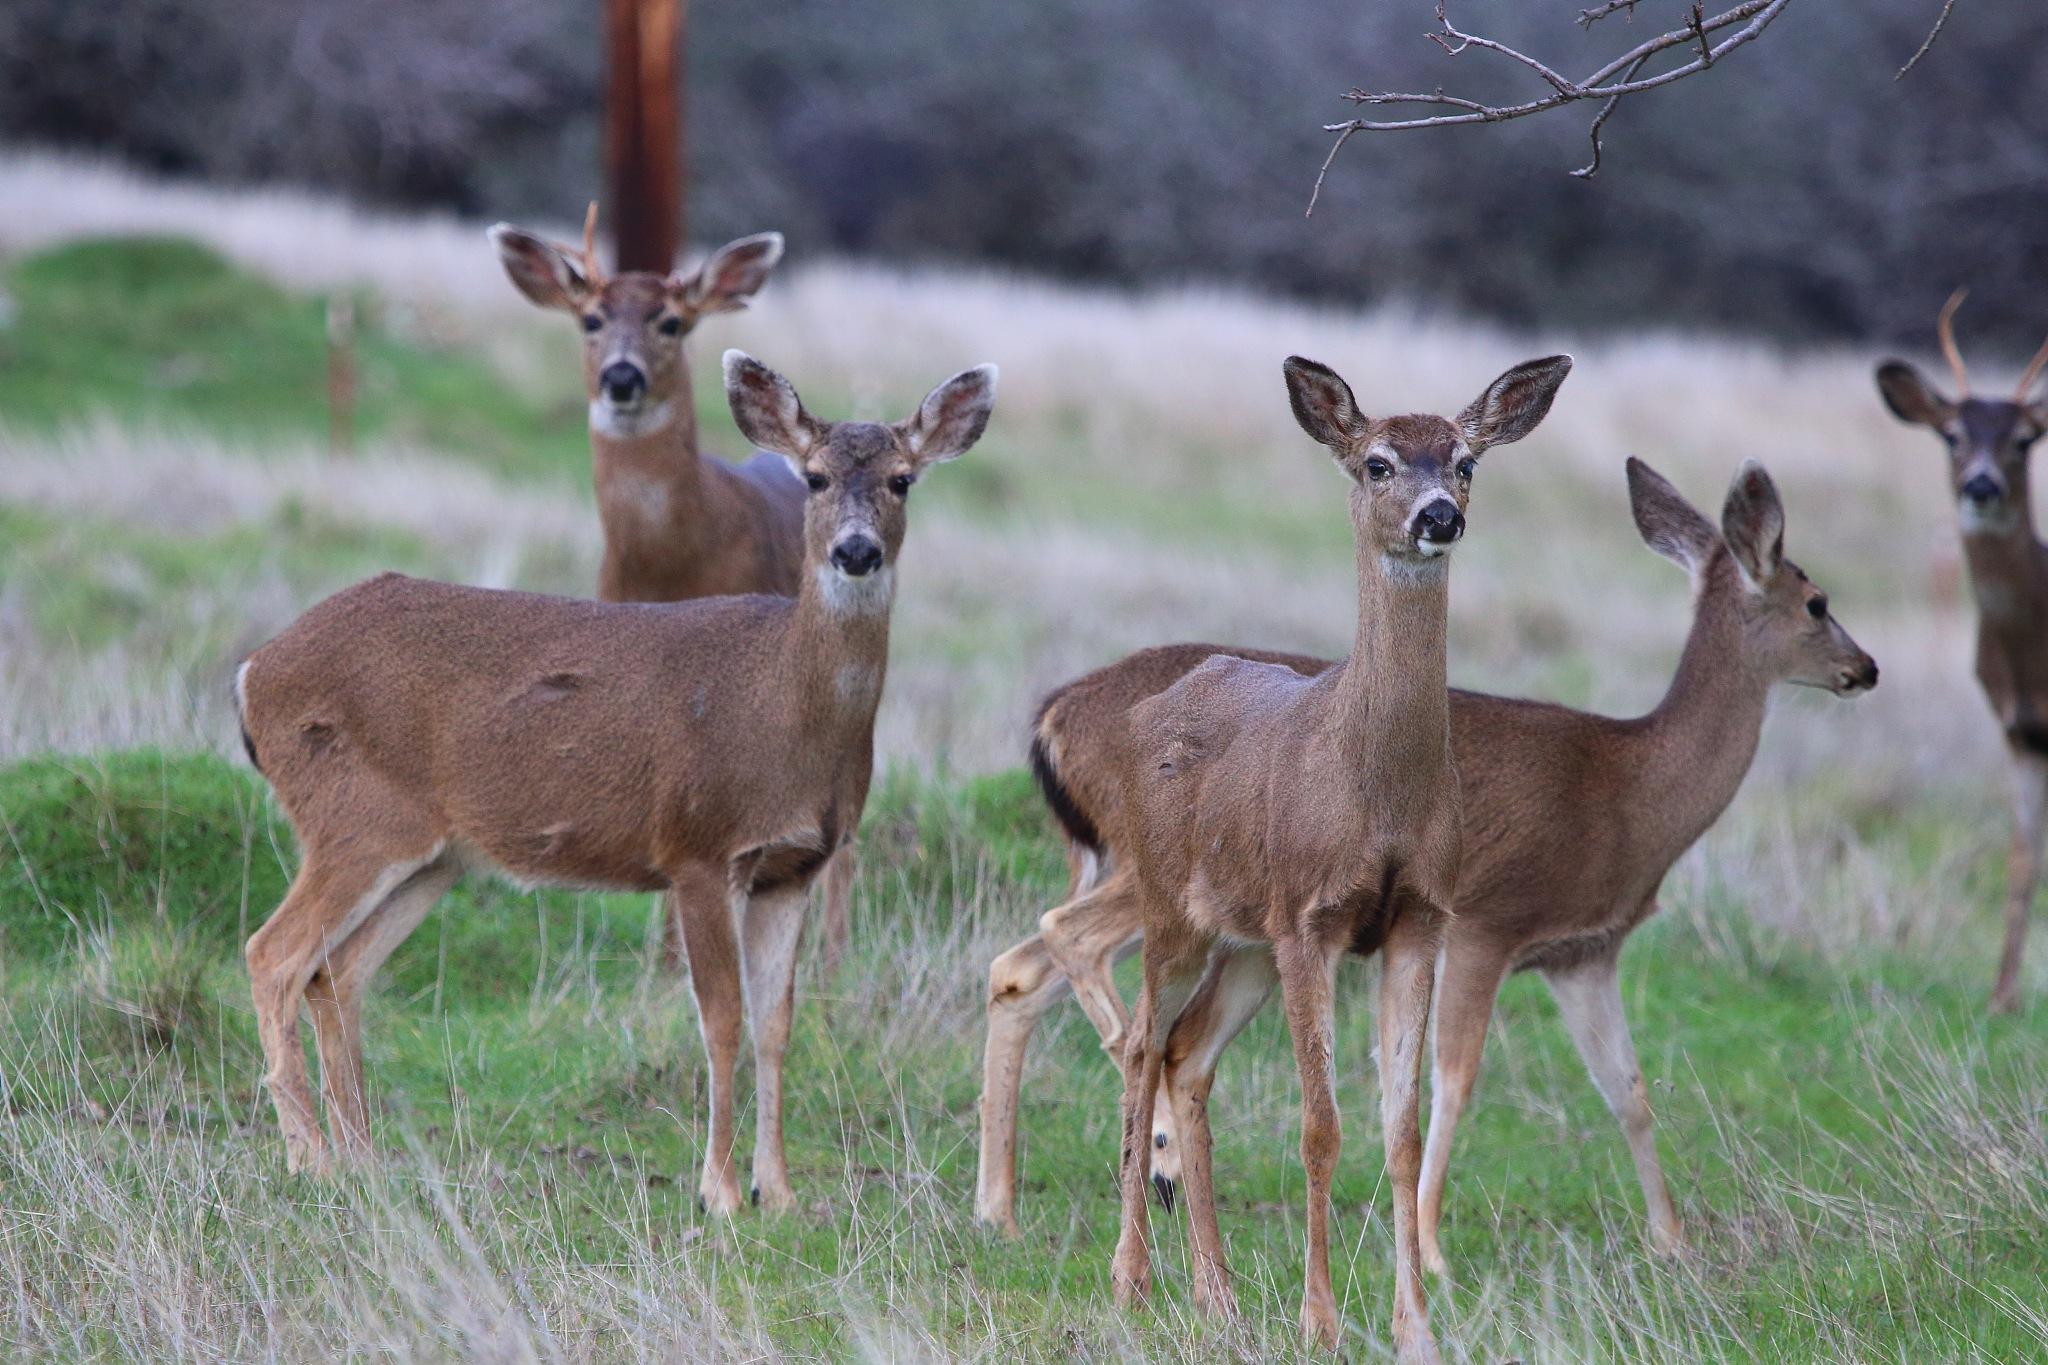 Deer by Laurie Puglia